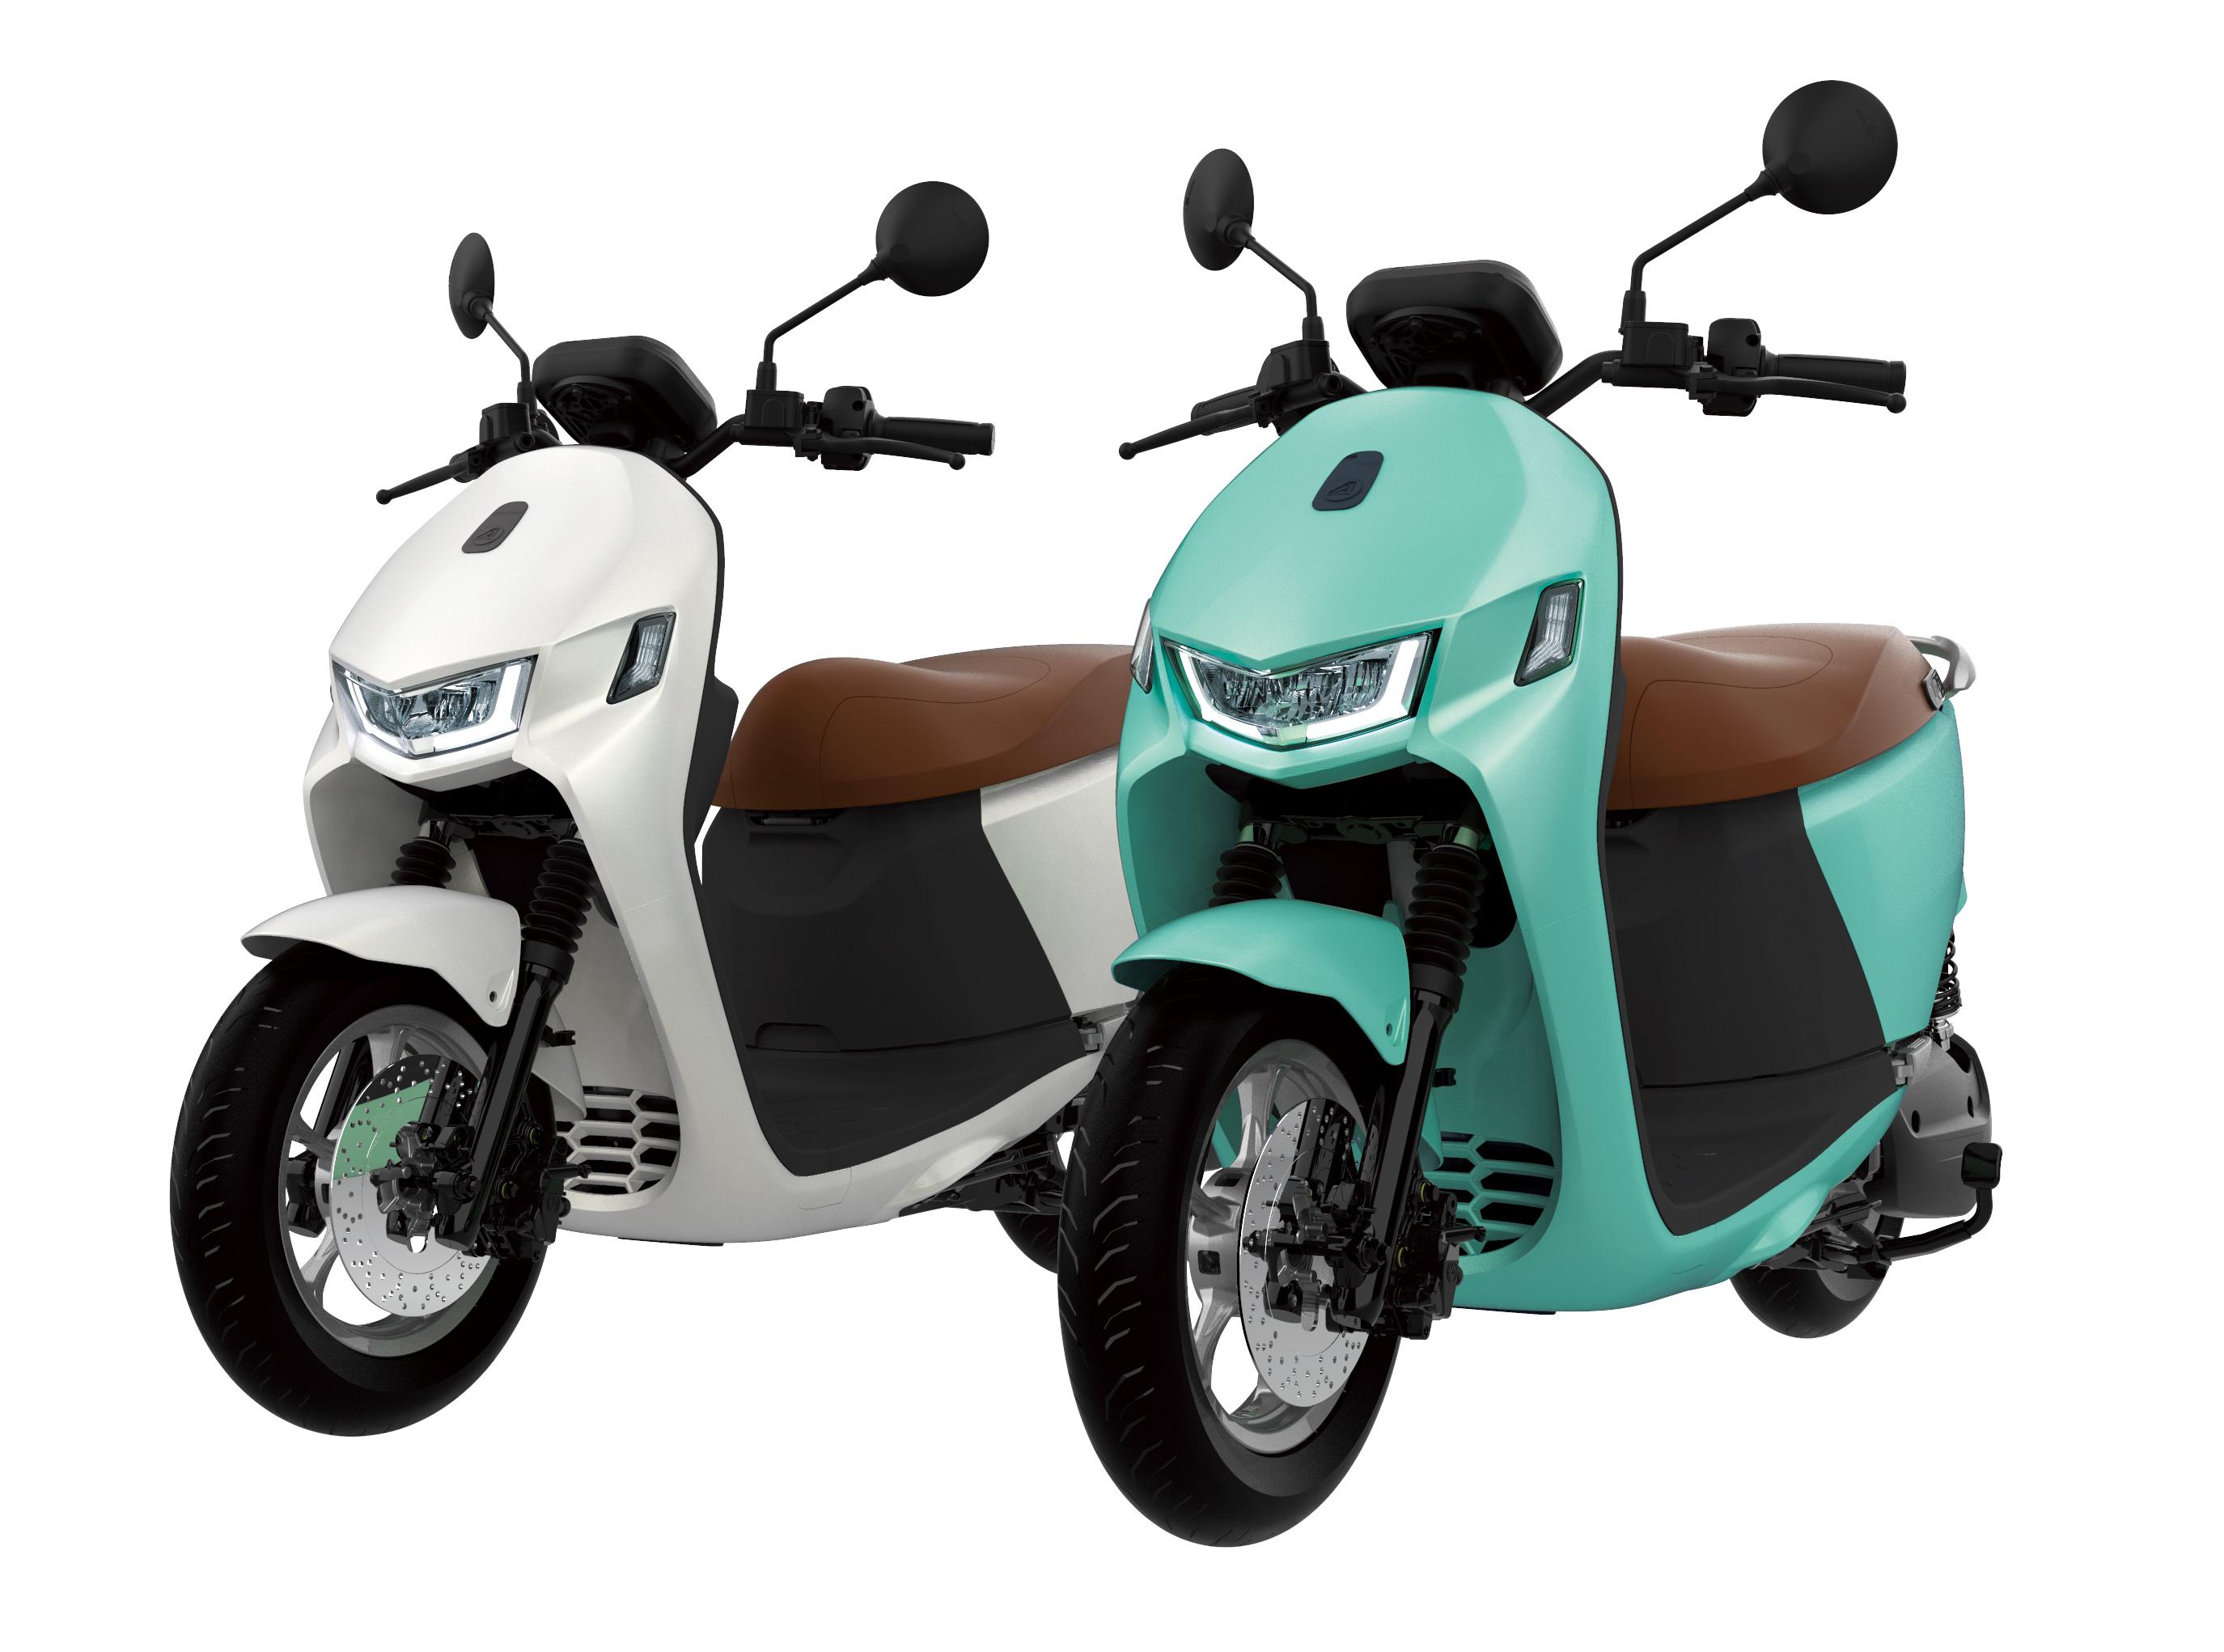 Ai-1 Comfort 推出珍珠白、薄荷綠兩種選擇,售價 79,800 元。